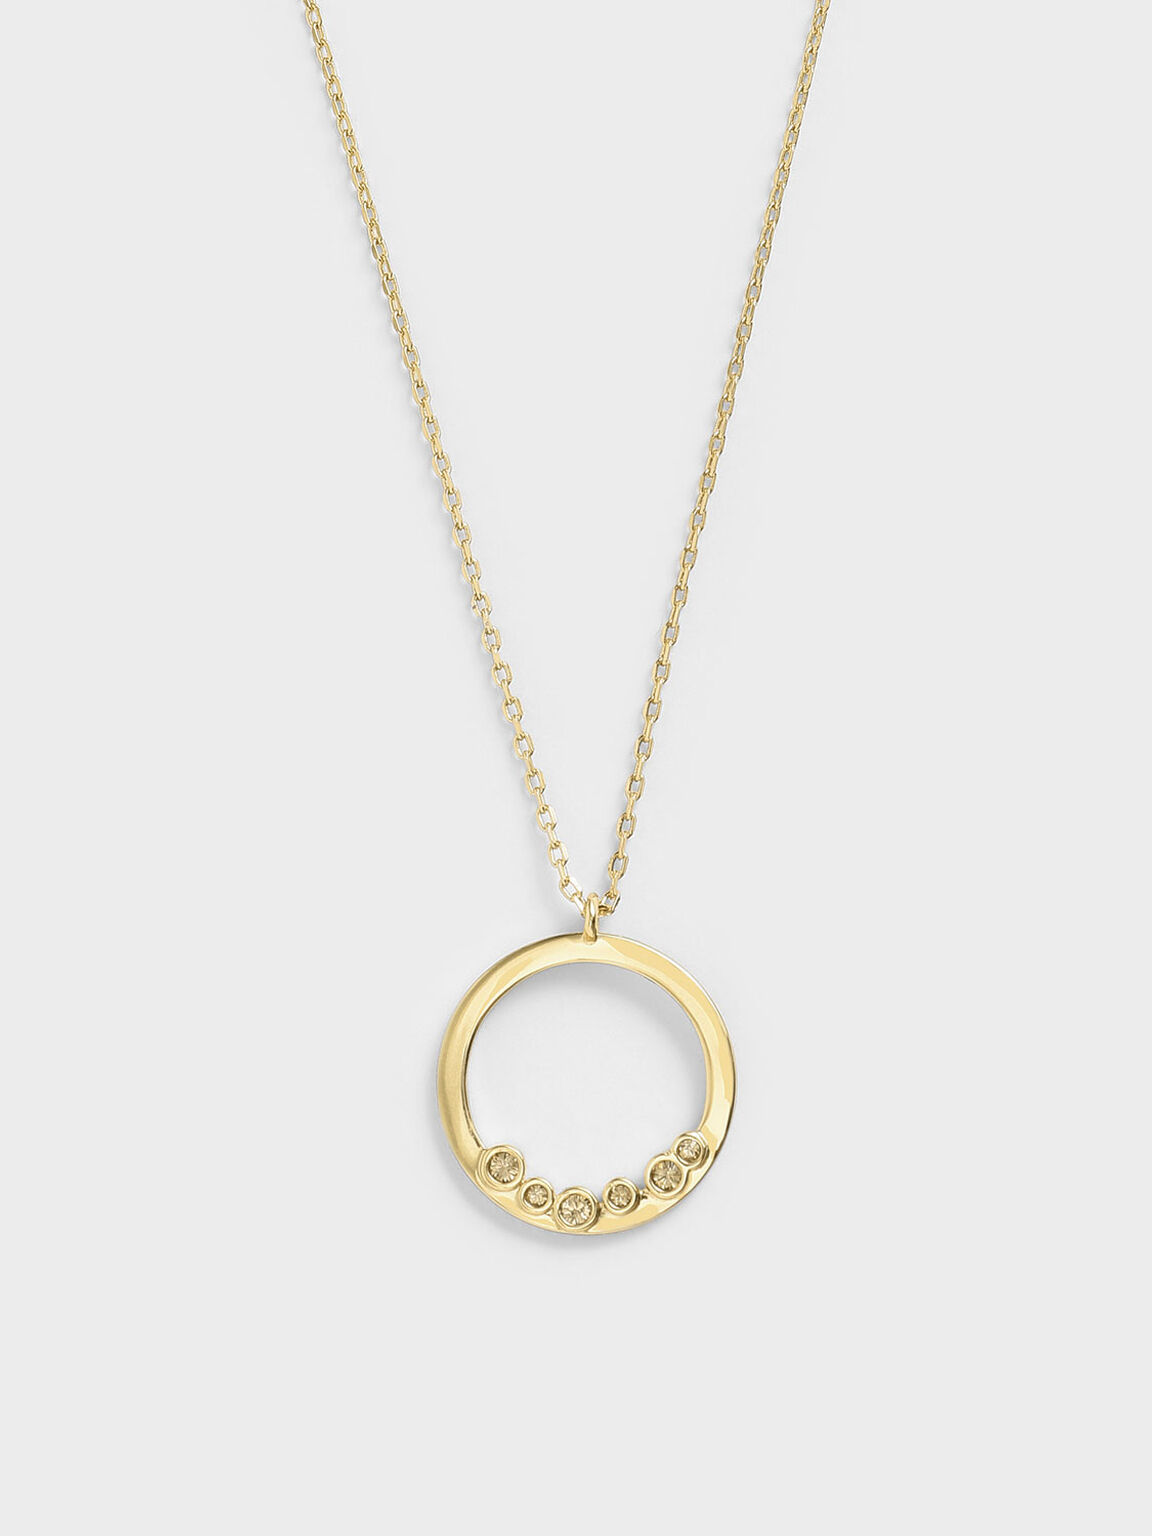 Swarovski® Crystal Studded Pendant Necklace, Gold, hi-res